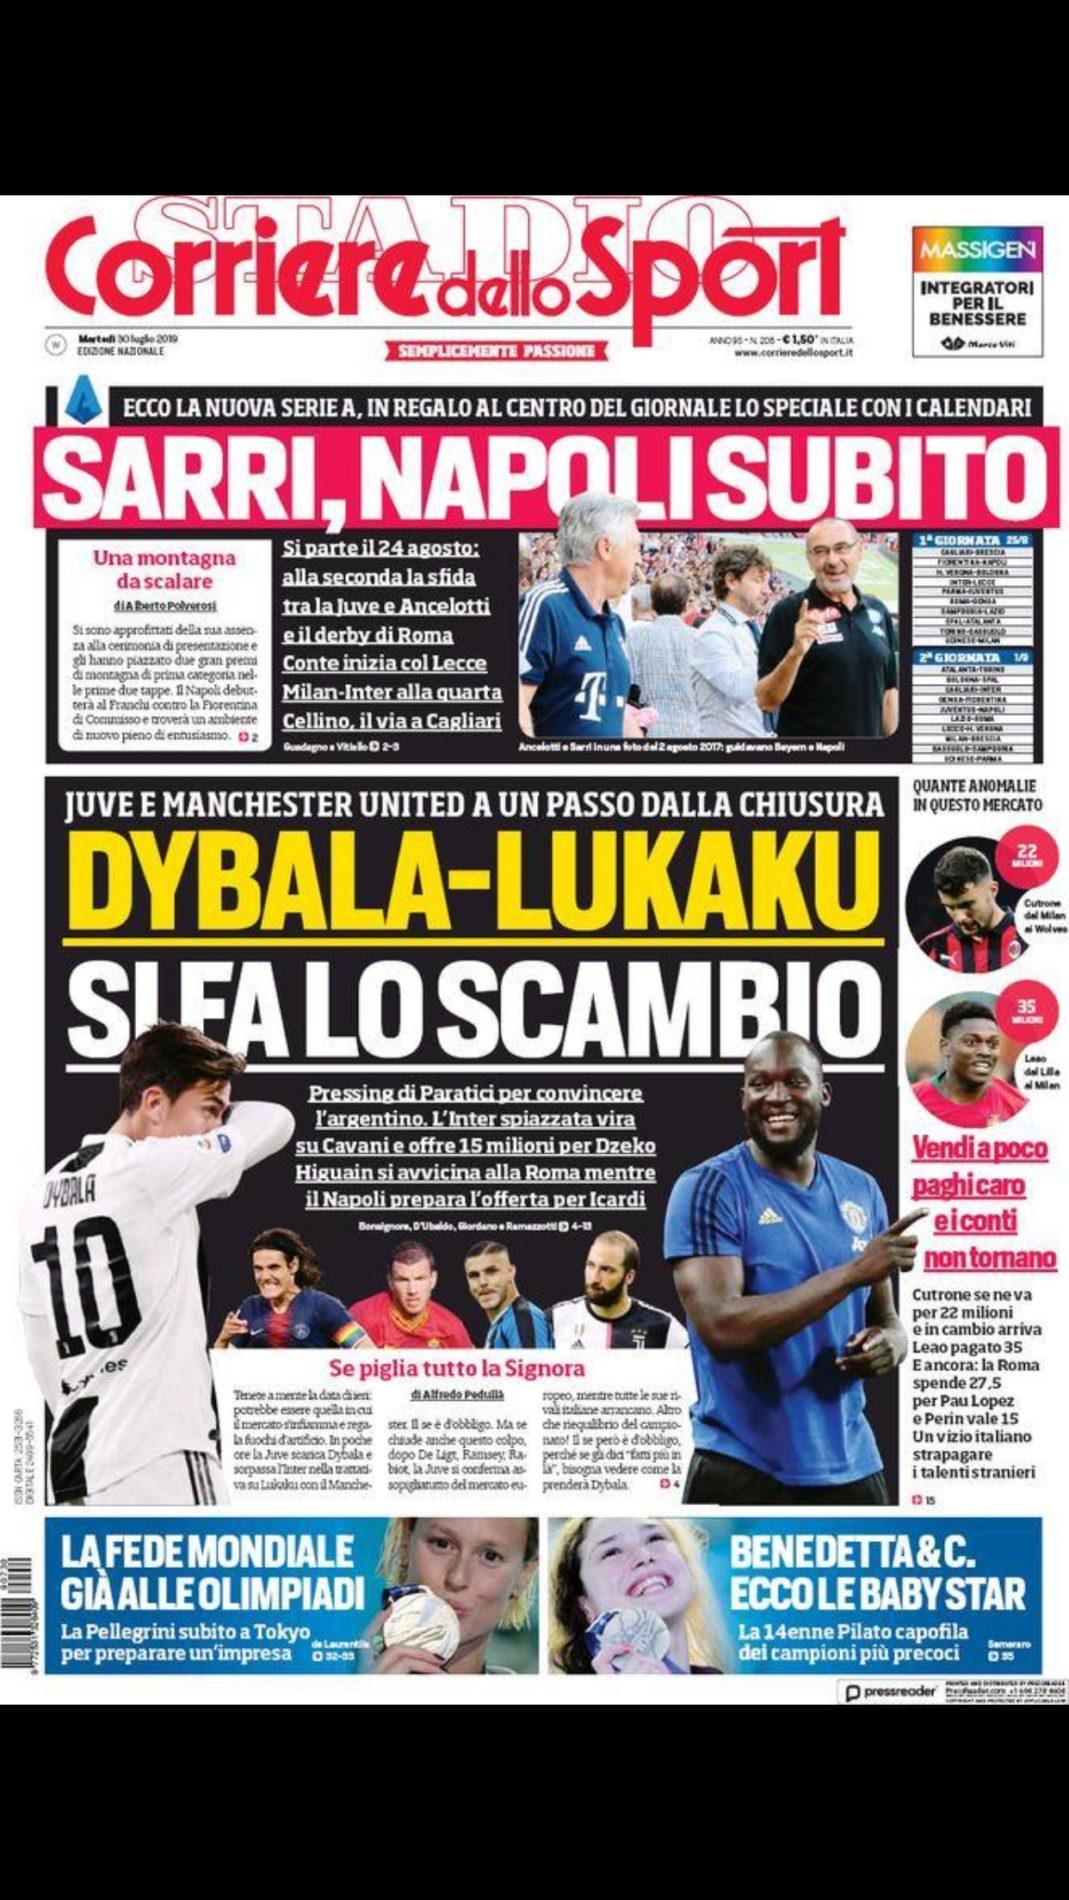 Corriere Dello Sport Calendario.Prime Pagine Dei Maggiori Quotidiani Sportivi